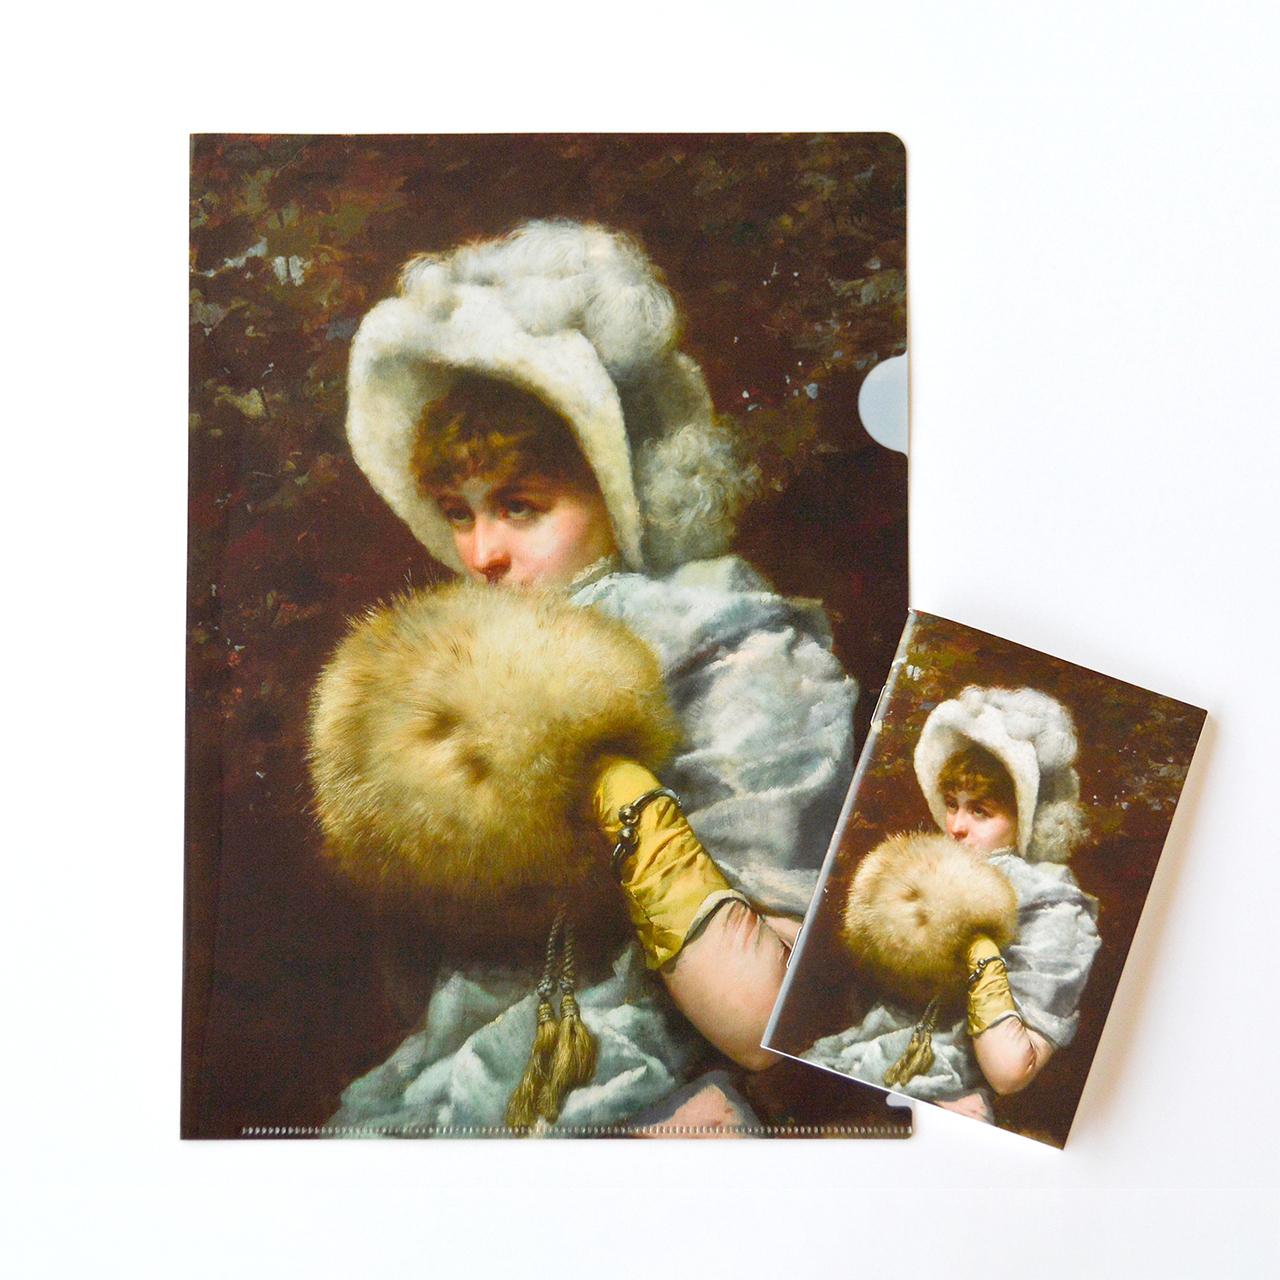 「奇蹟の芸術都市 バルセロナ」展 クリアファイル / ミニノートセットA